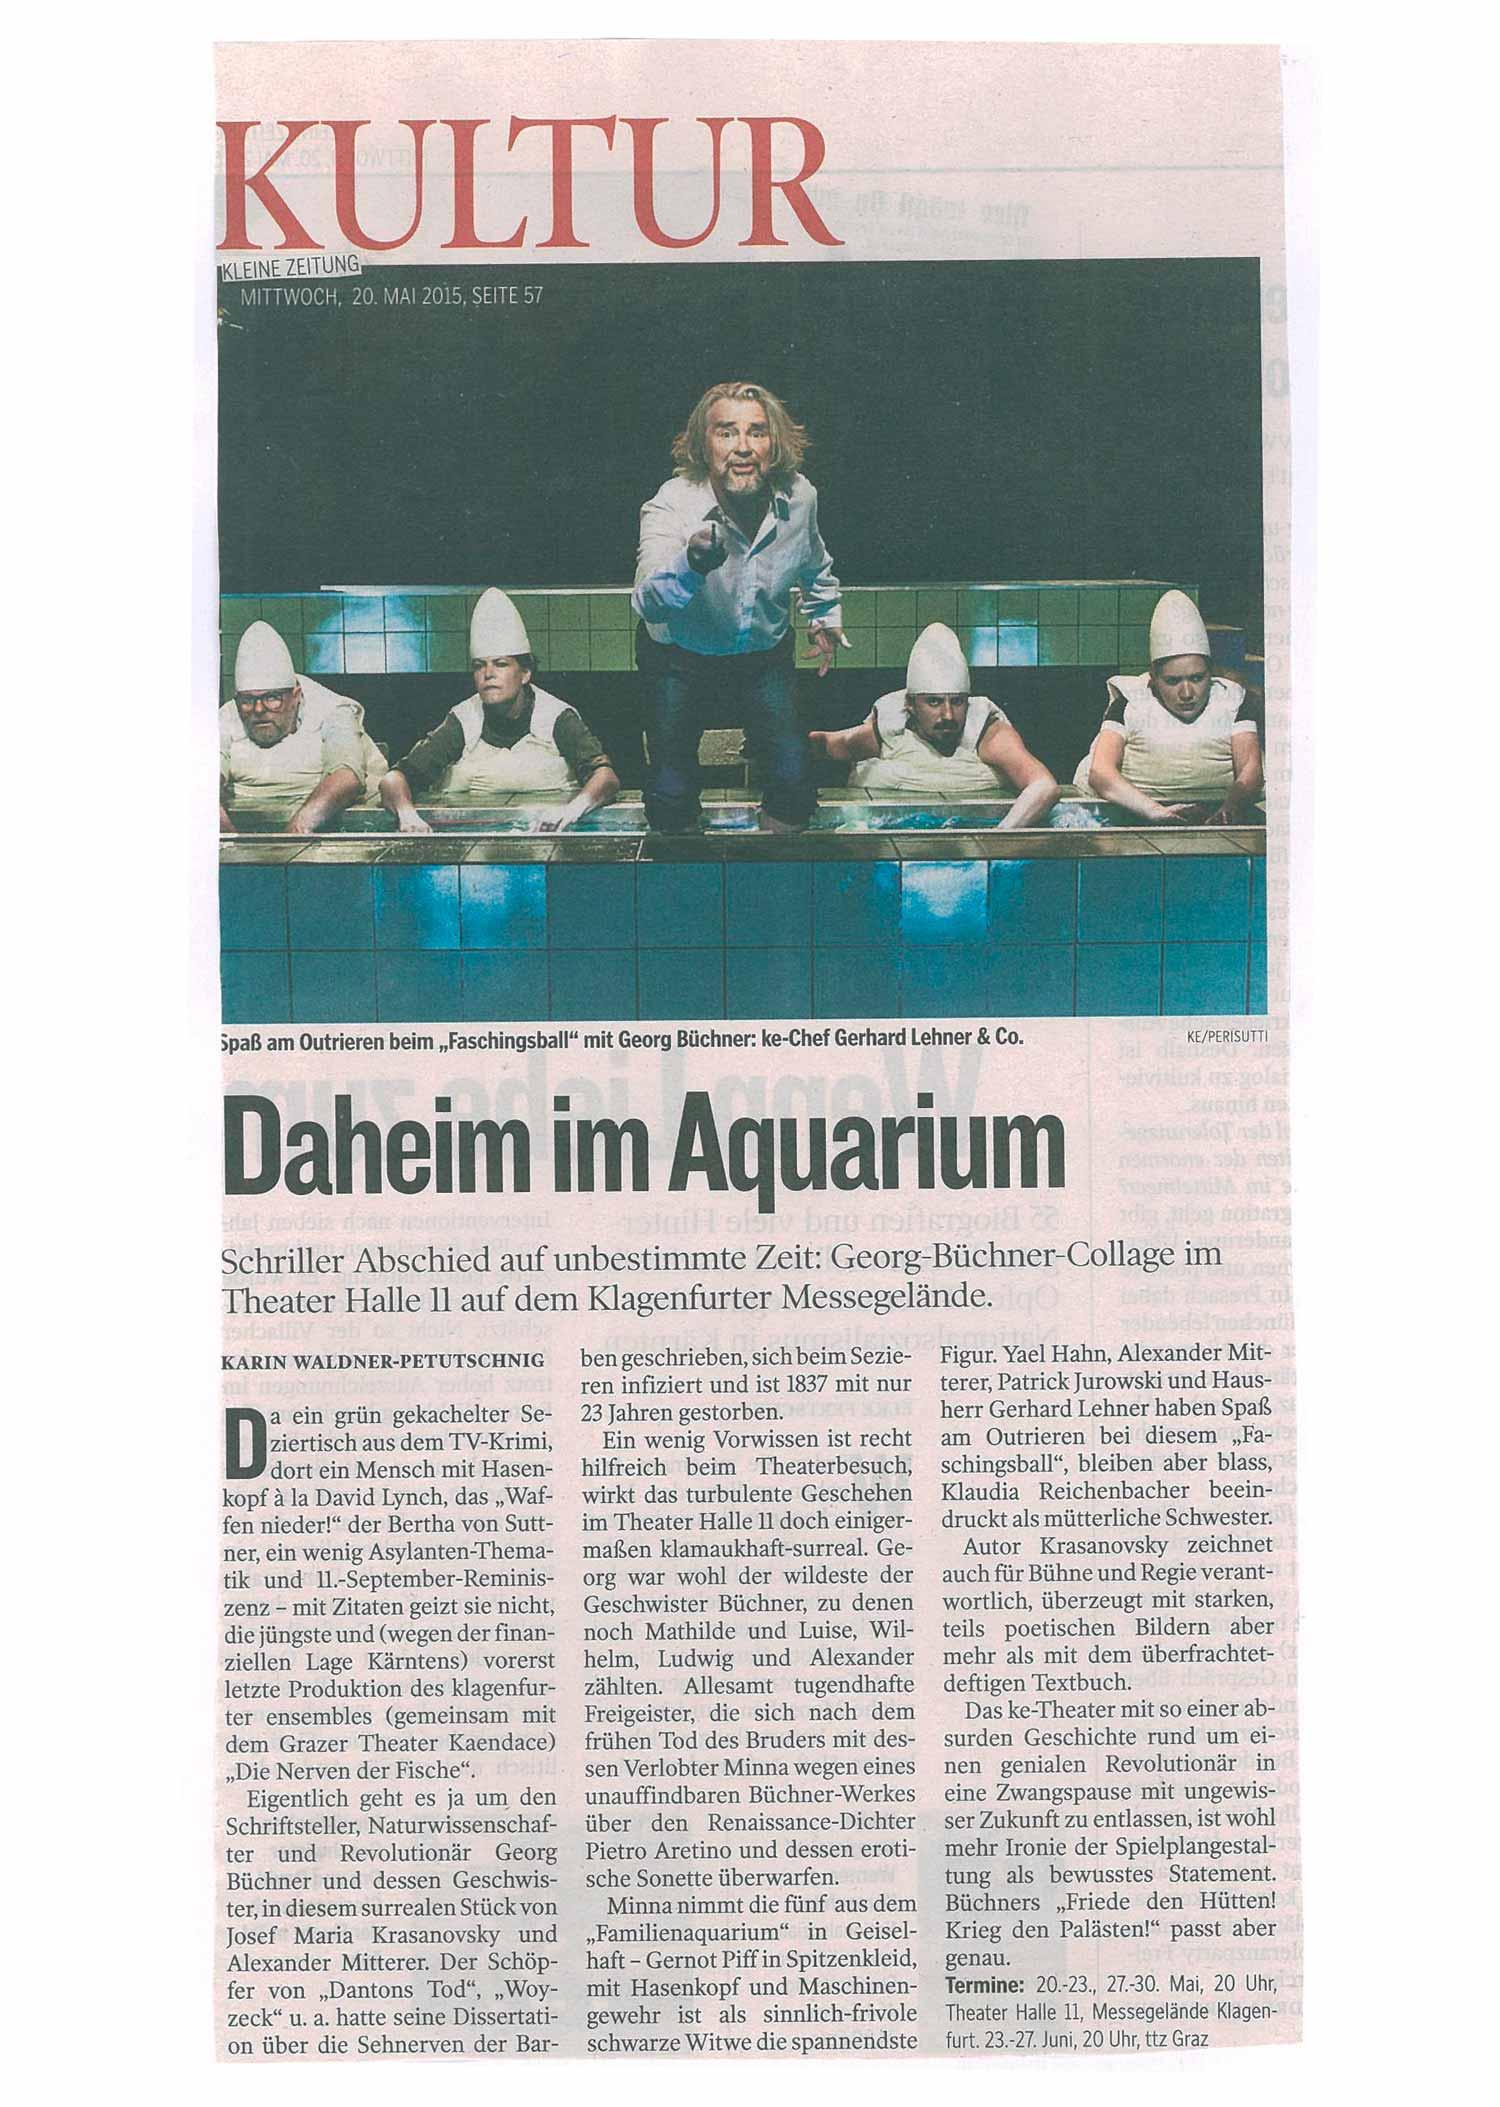 Die-Nerven-der-Fische_Kritik_Kleine-Zeitung